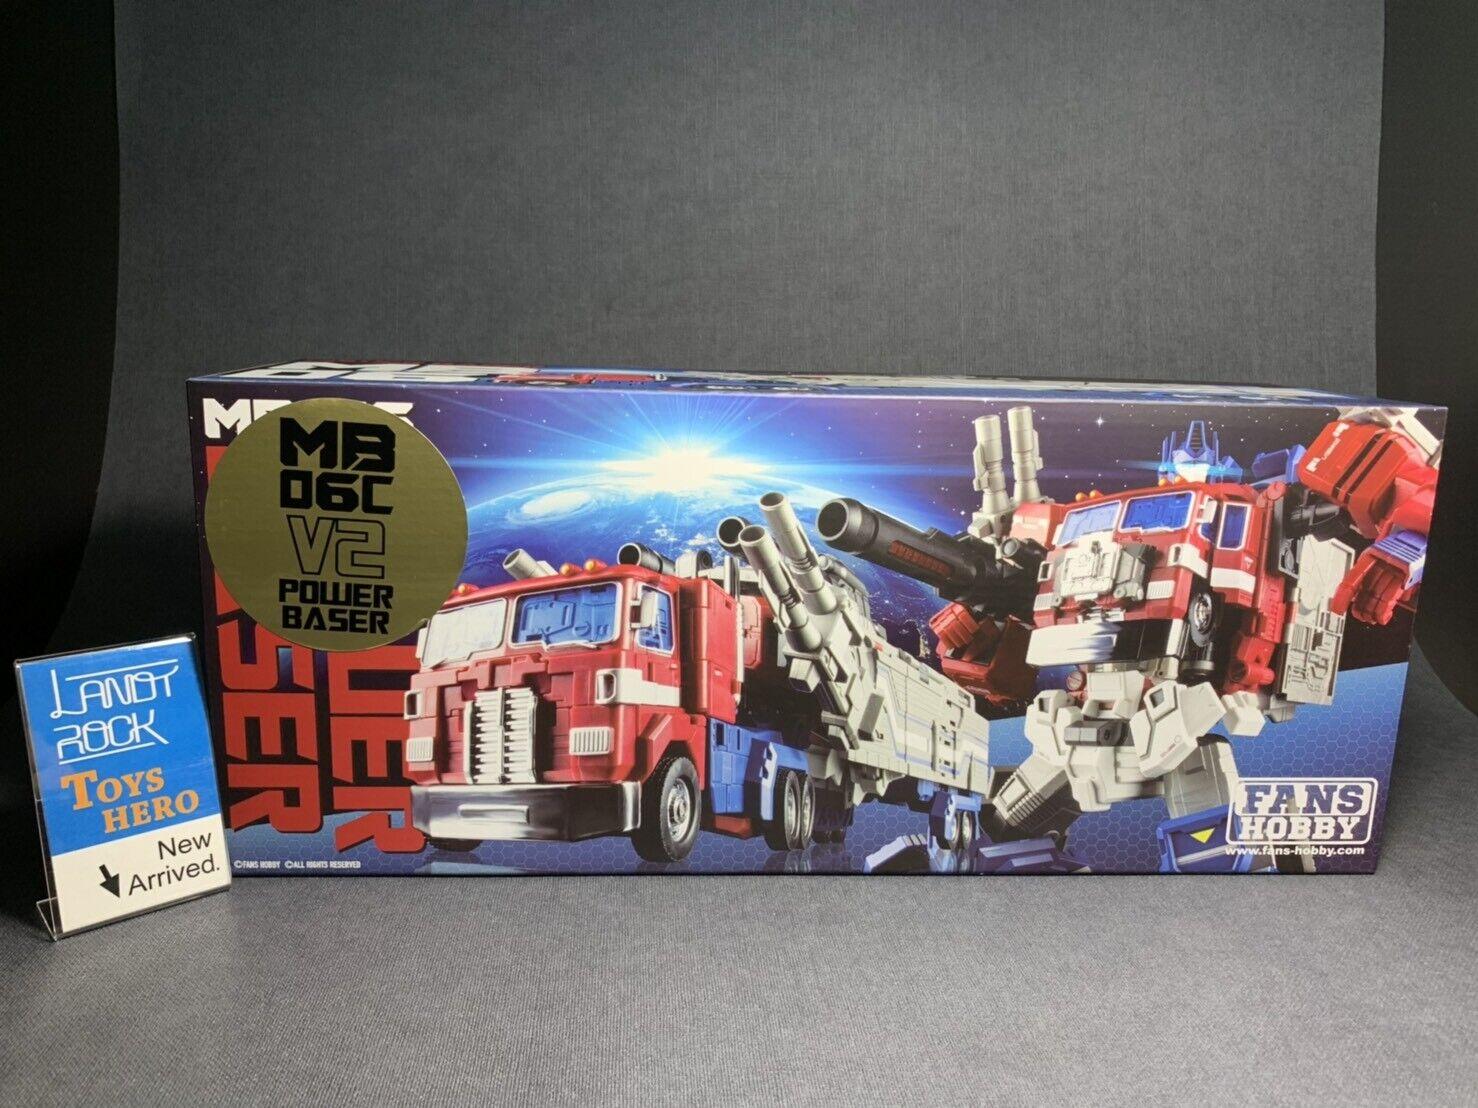 [ToysHero] In Hand Transformers FansHobby MB-06C PowerBaser Jinrai Optimus Prime